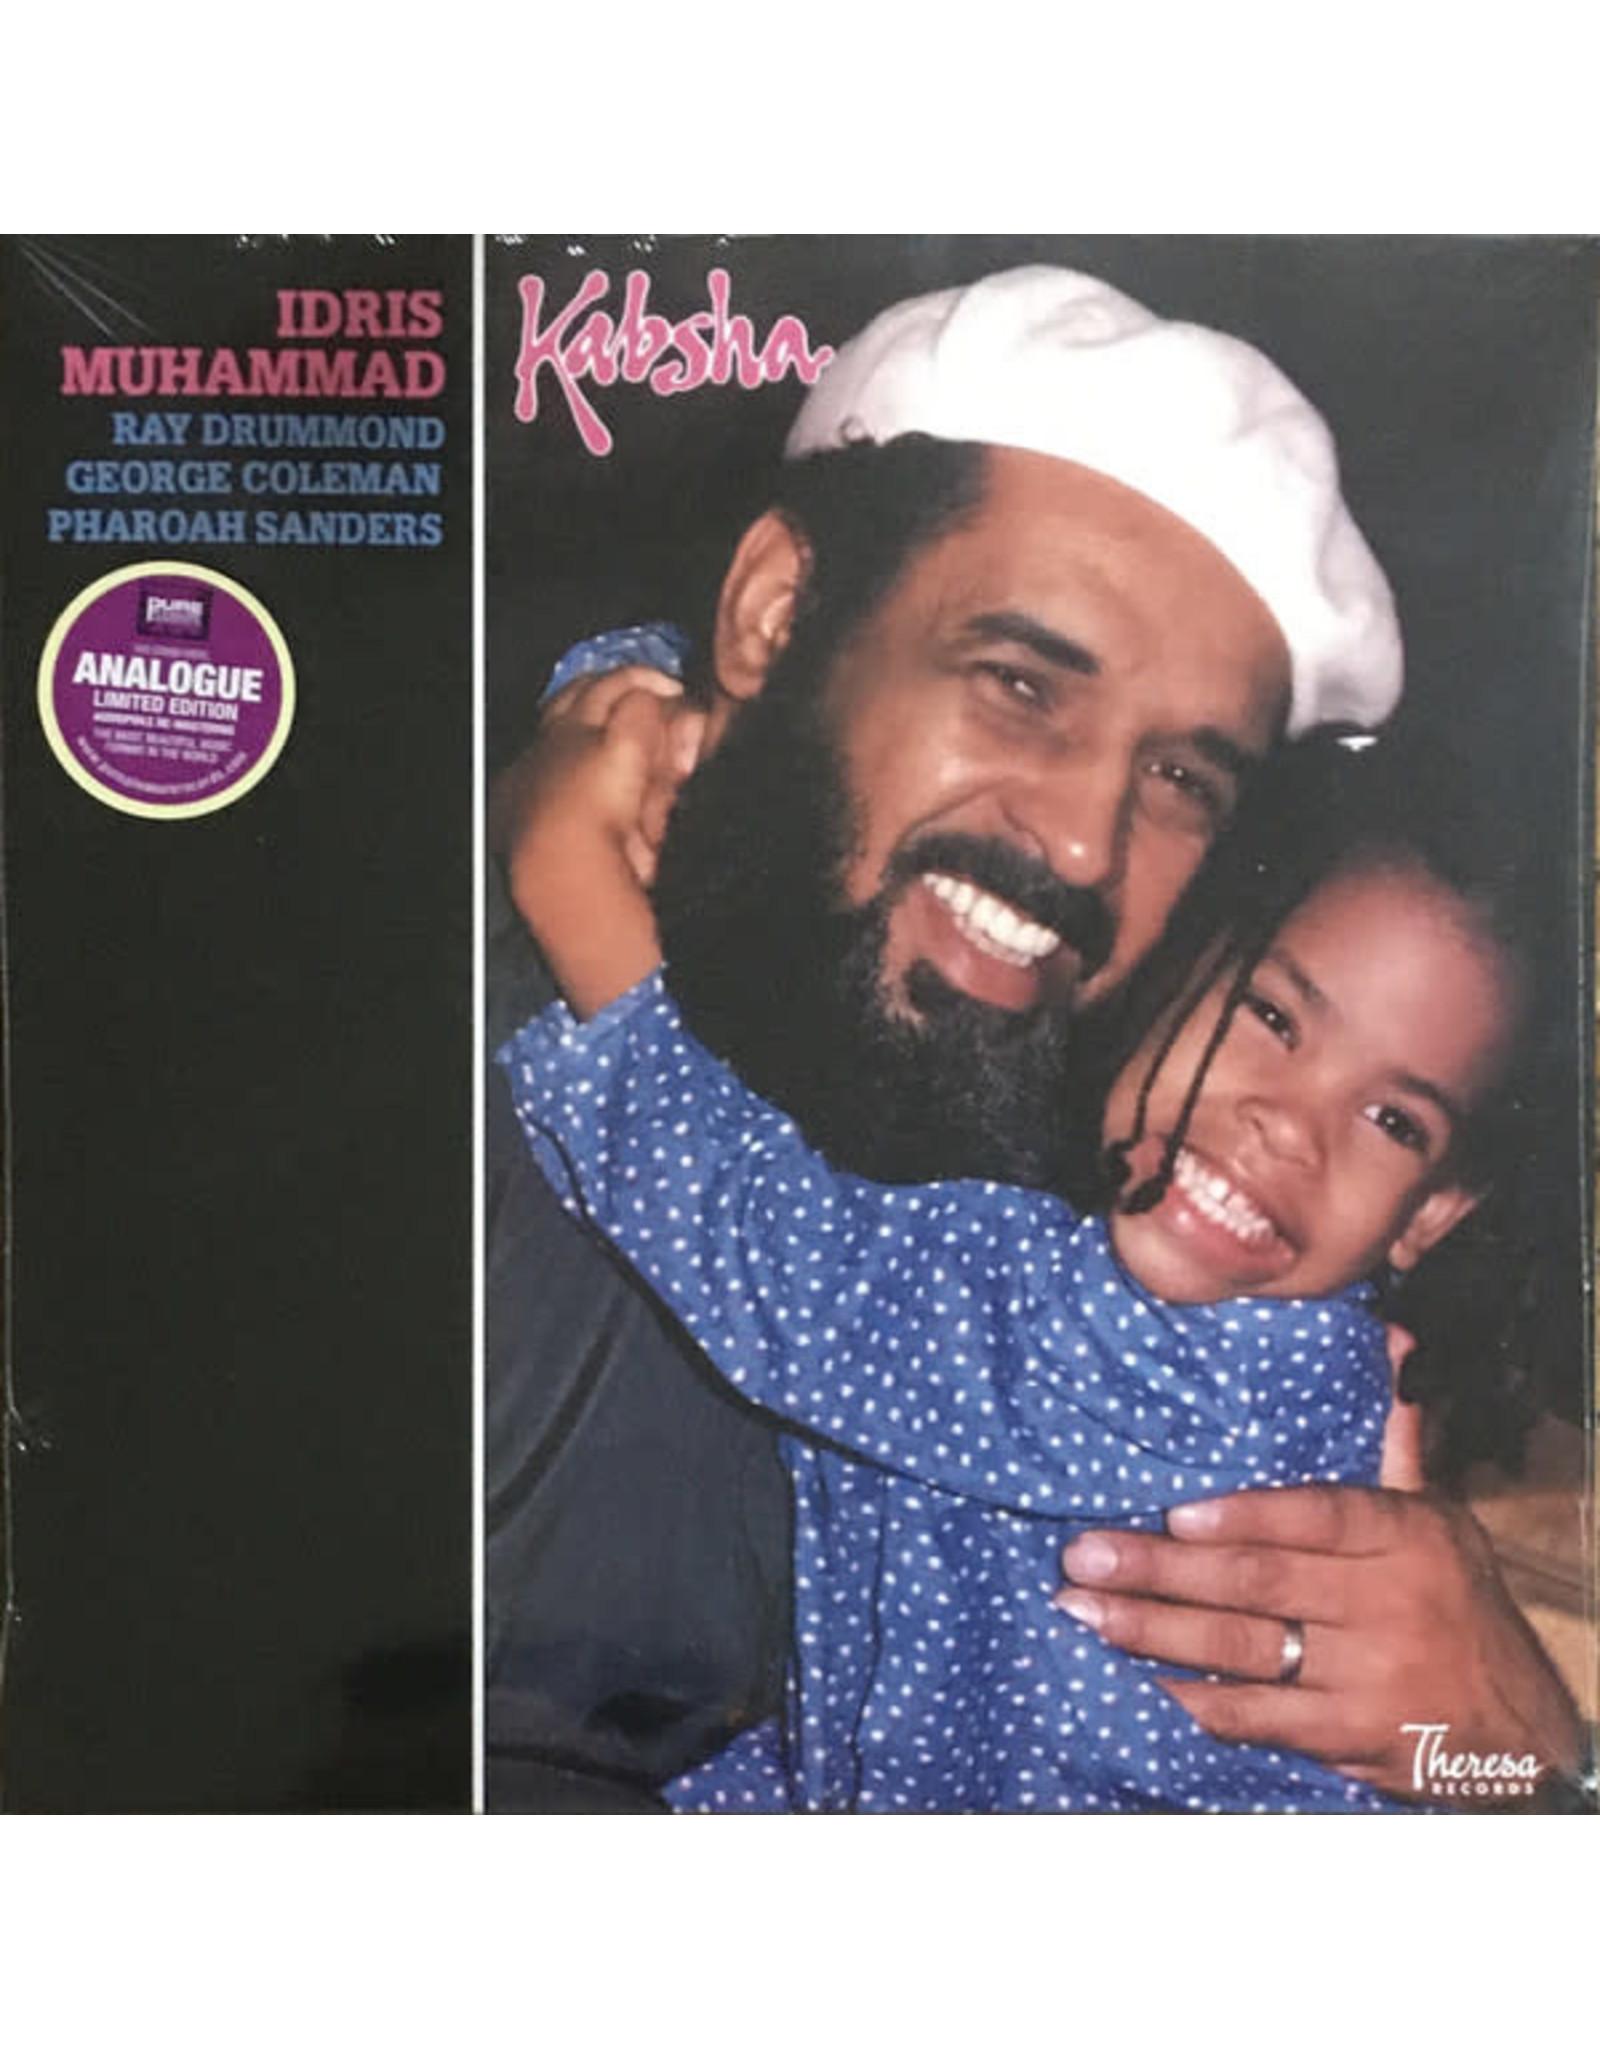 New Vinyl Idris Muhammad, Ray Drummond, George Coleman, Pharoah Sanders – Kabsha LP